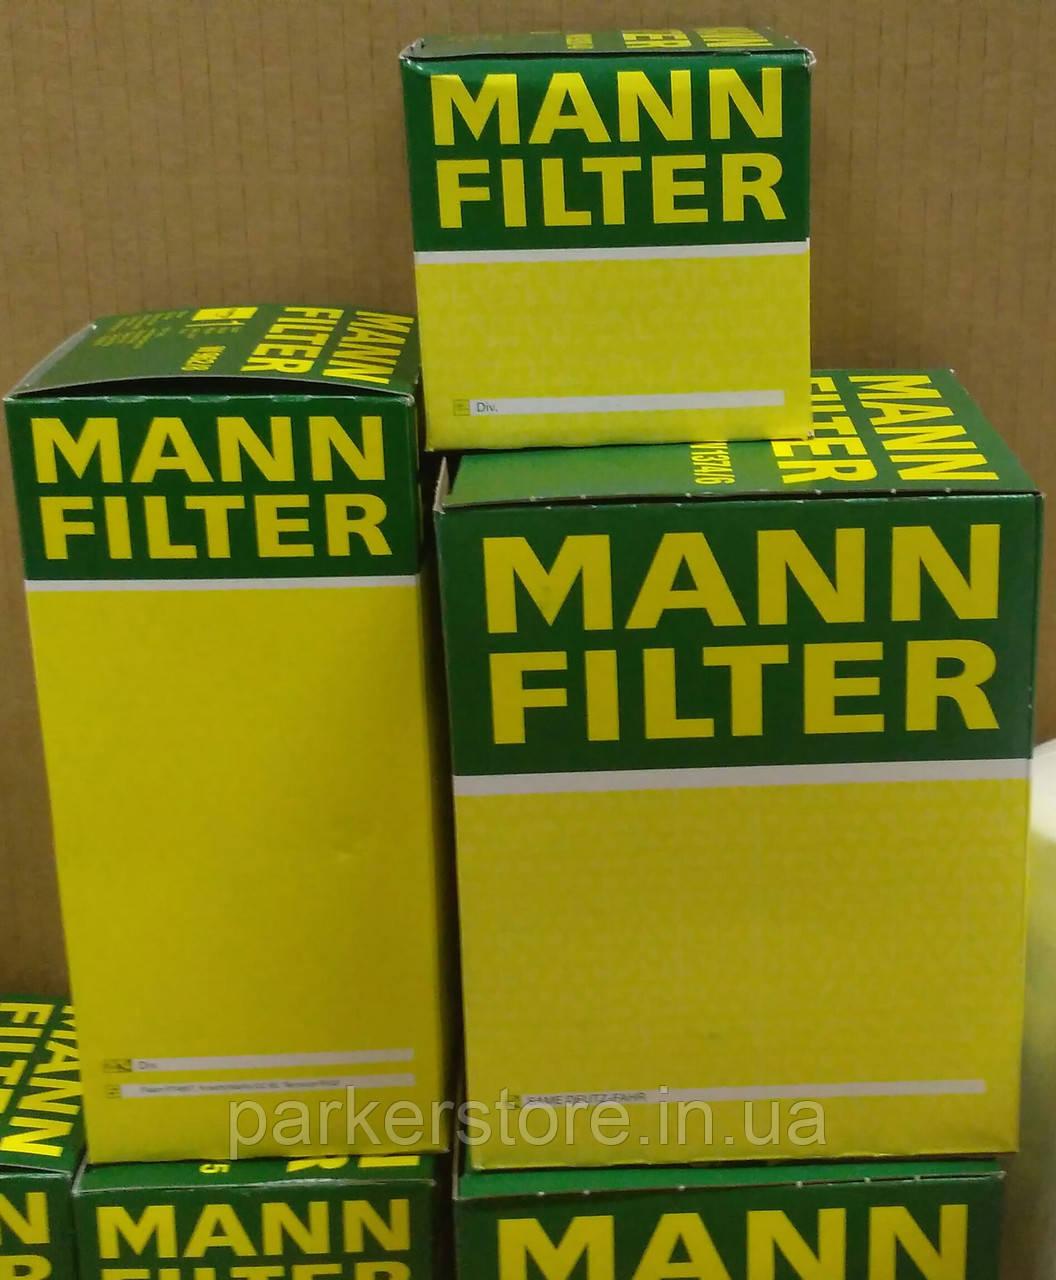 MANN FILTER / Воздушный фильтр / C 2874 / C2874